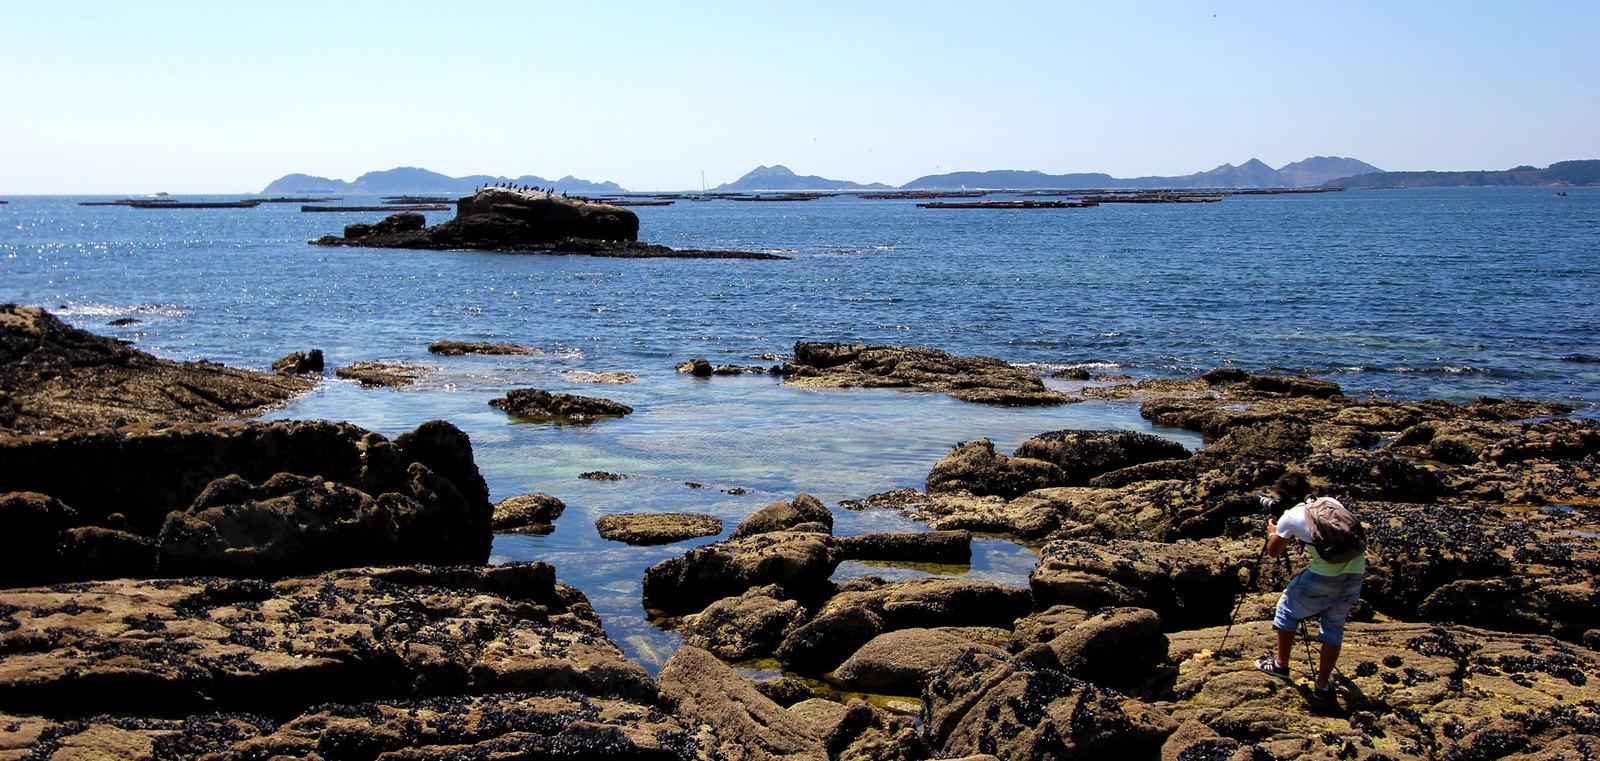 Fotografando unha das praias de Cangas